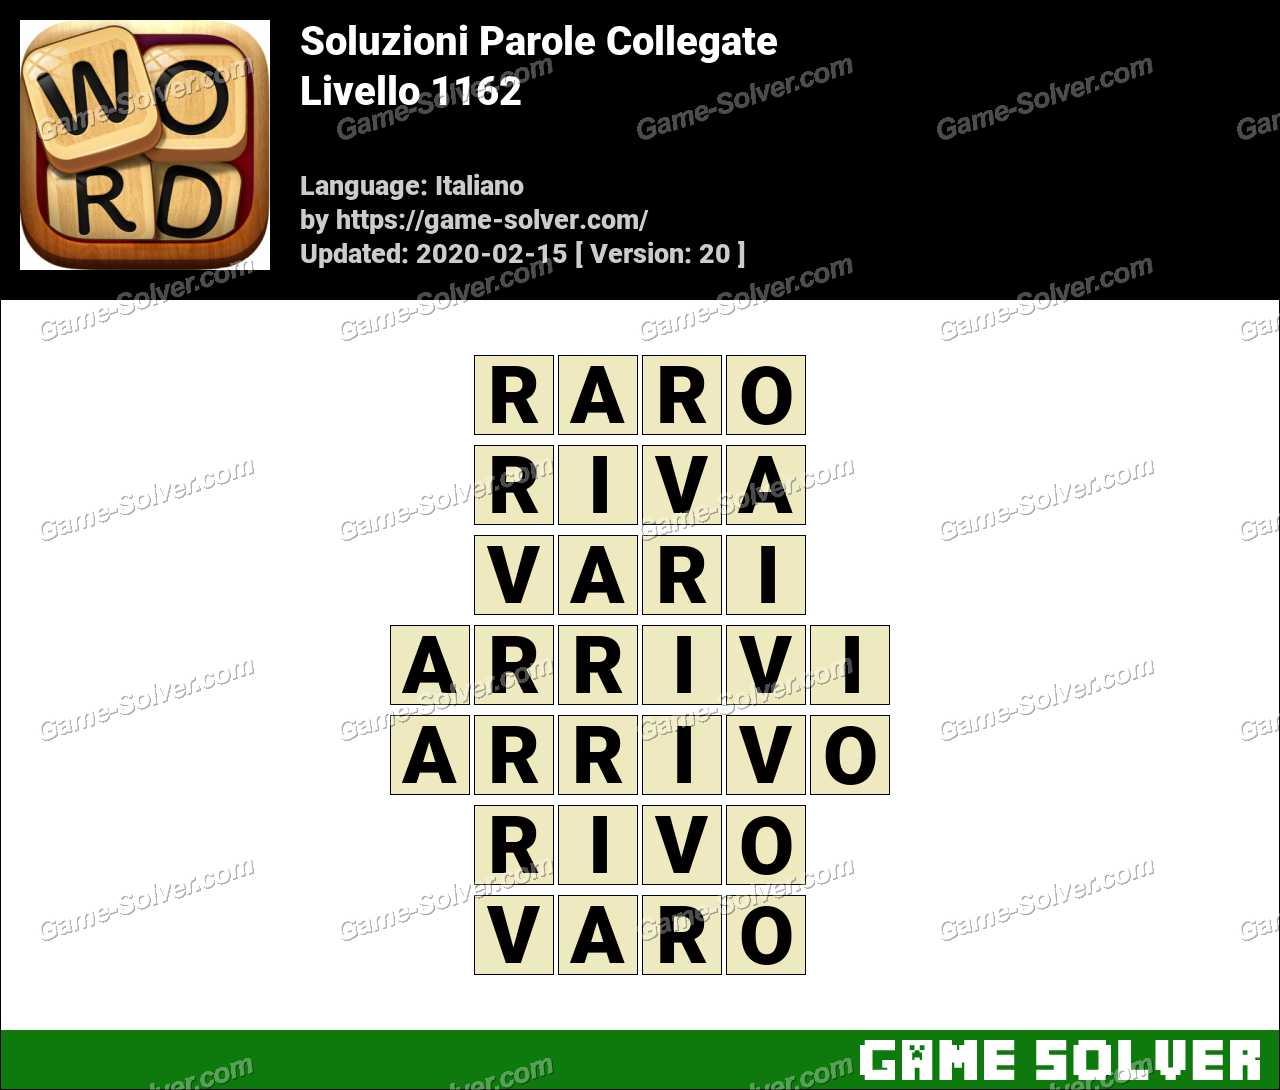 Soluzioni Parole Collegate Livello 1162